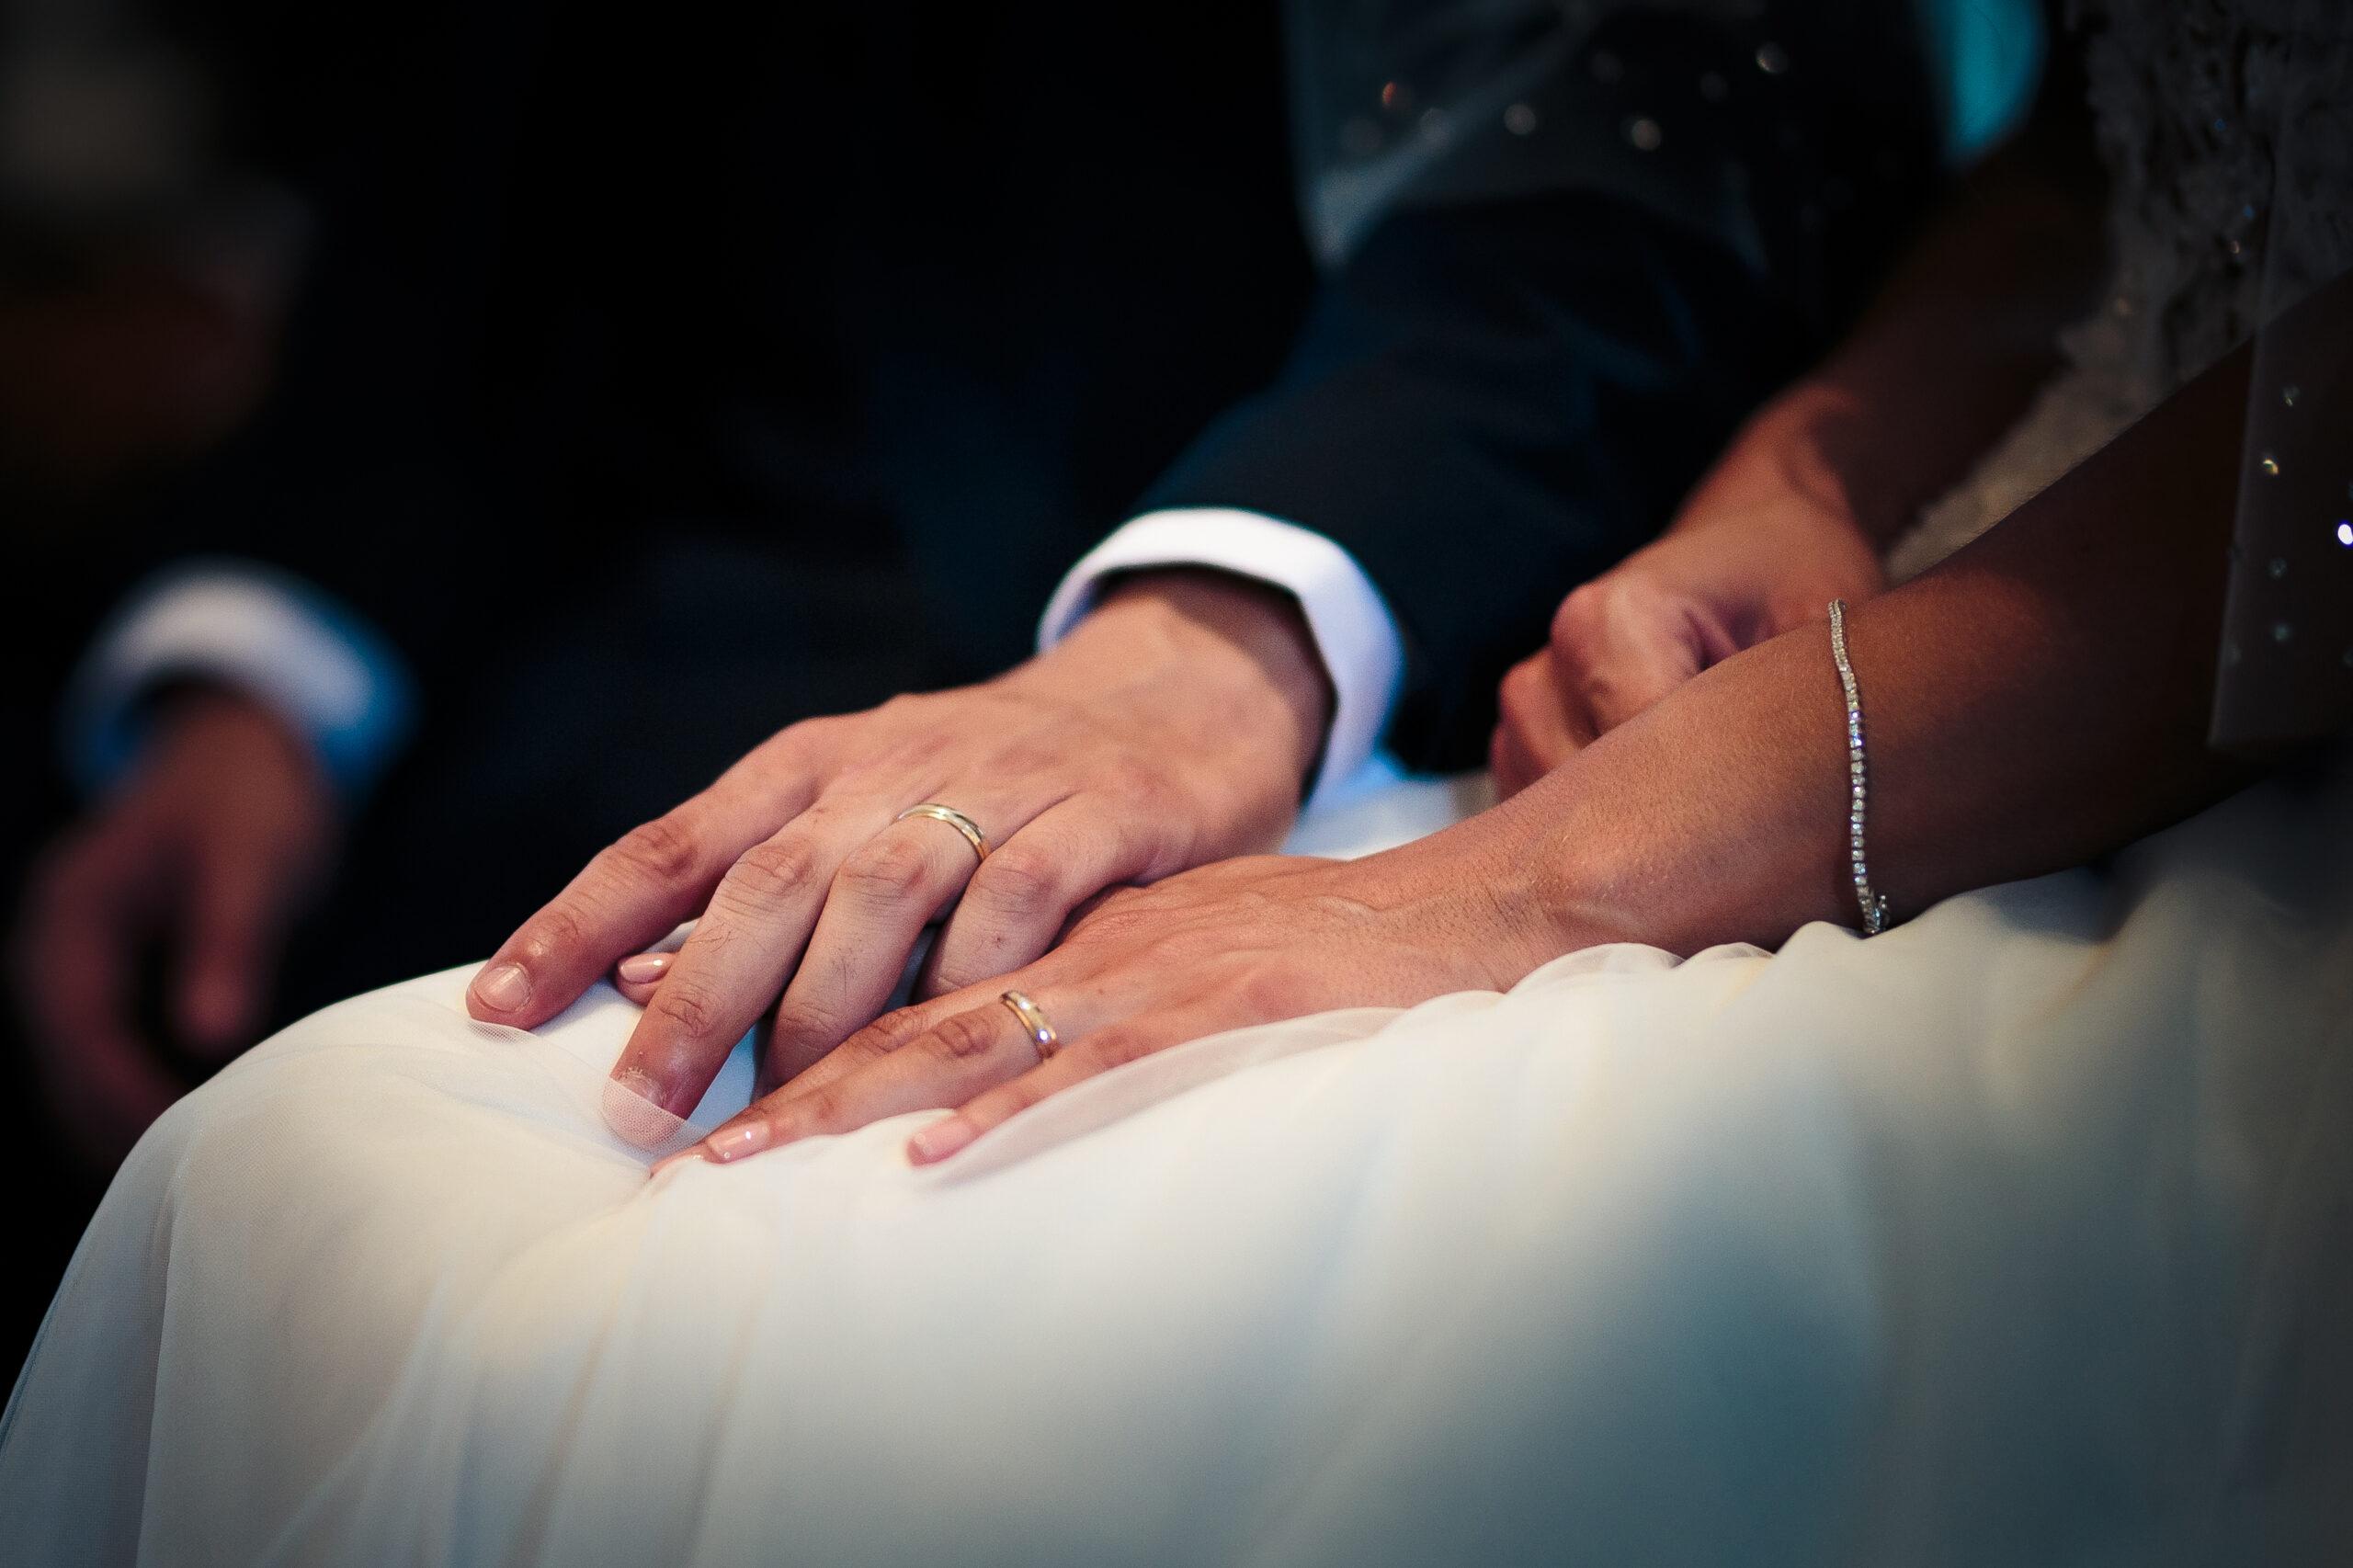 dettaglio mani e fedi degli sposi